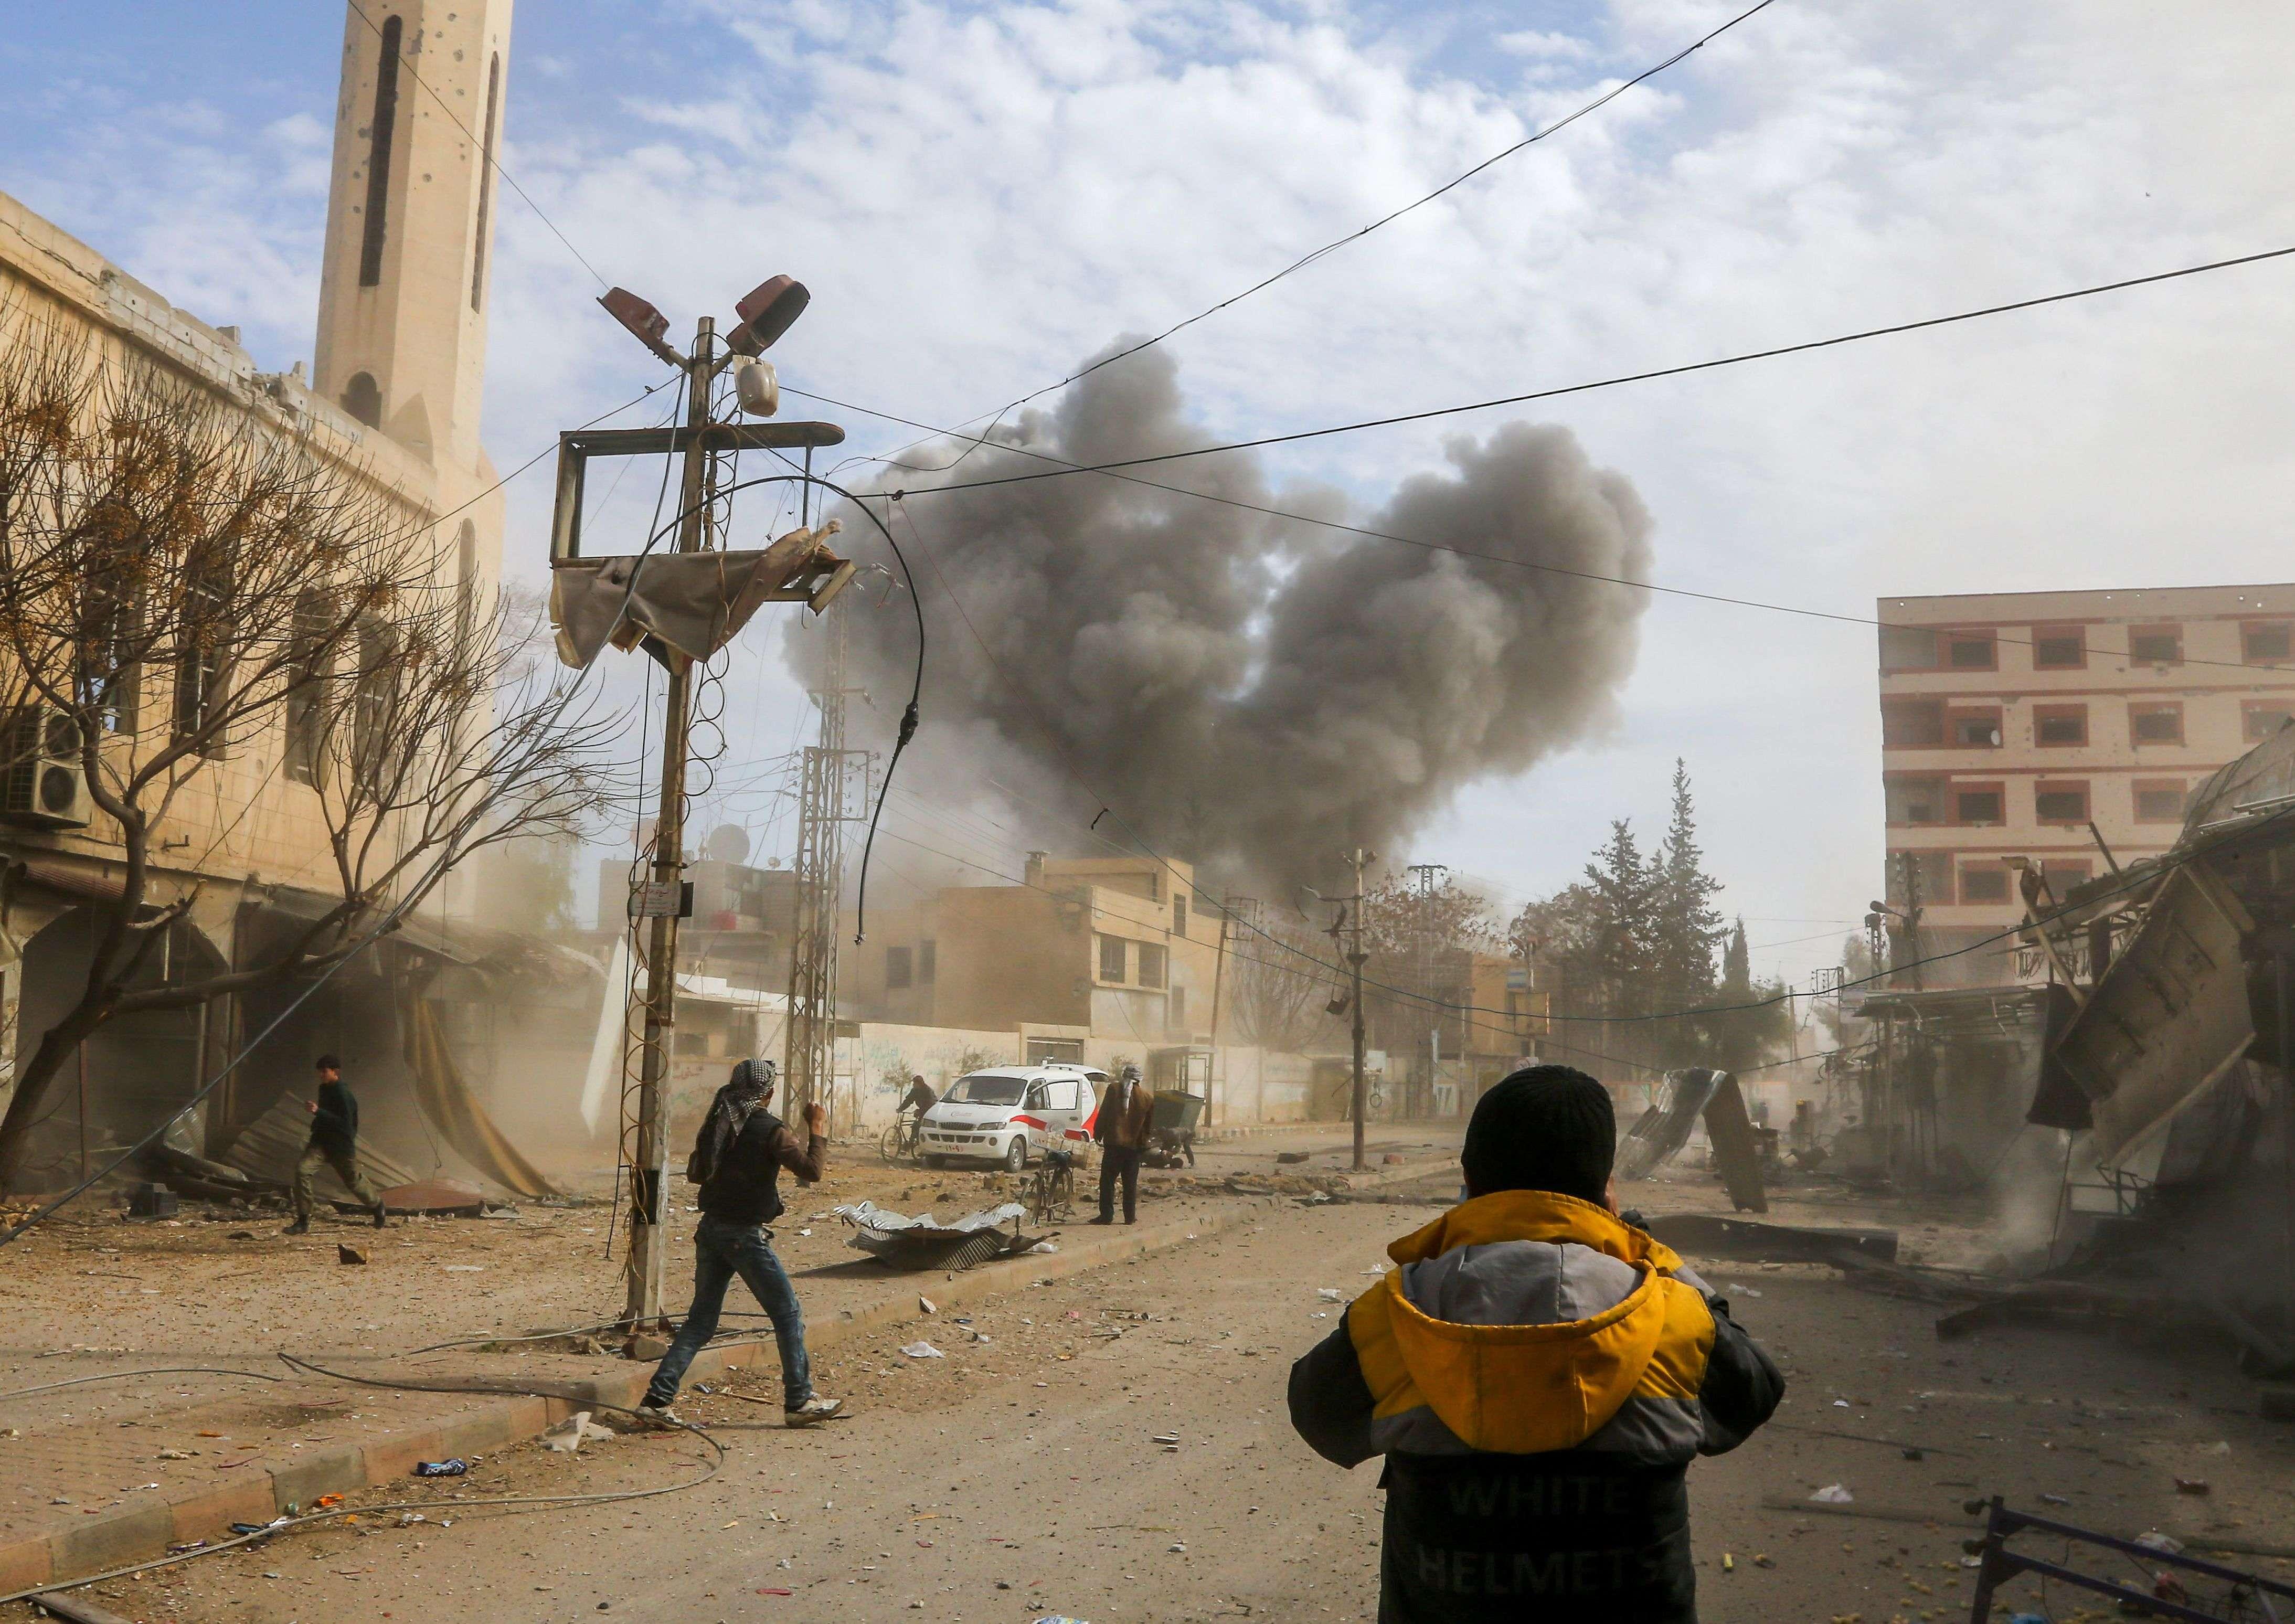 Une frappe aérienne à Jisrine, le 8 février.«Les gens restent assis au rez-de-chaussée dans les maisons ou dans les sous-sols des écoles. Il n'y a pas de caves ici. Certains ont creusé des abris souterrains. Mais les bombardements sont si intenses que même là on est blessé ou tué, rapporte le photographe. La vie est devenue si effrayante, si pleine de sang. Nous avons tous peur que la situation ne se termine comme dans le siège d'Alep.»